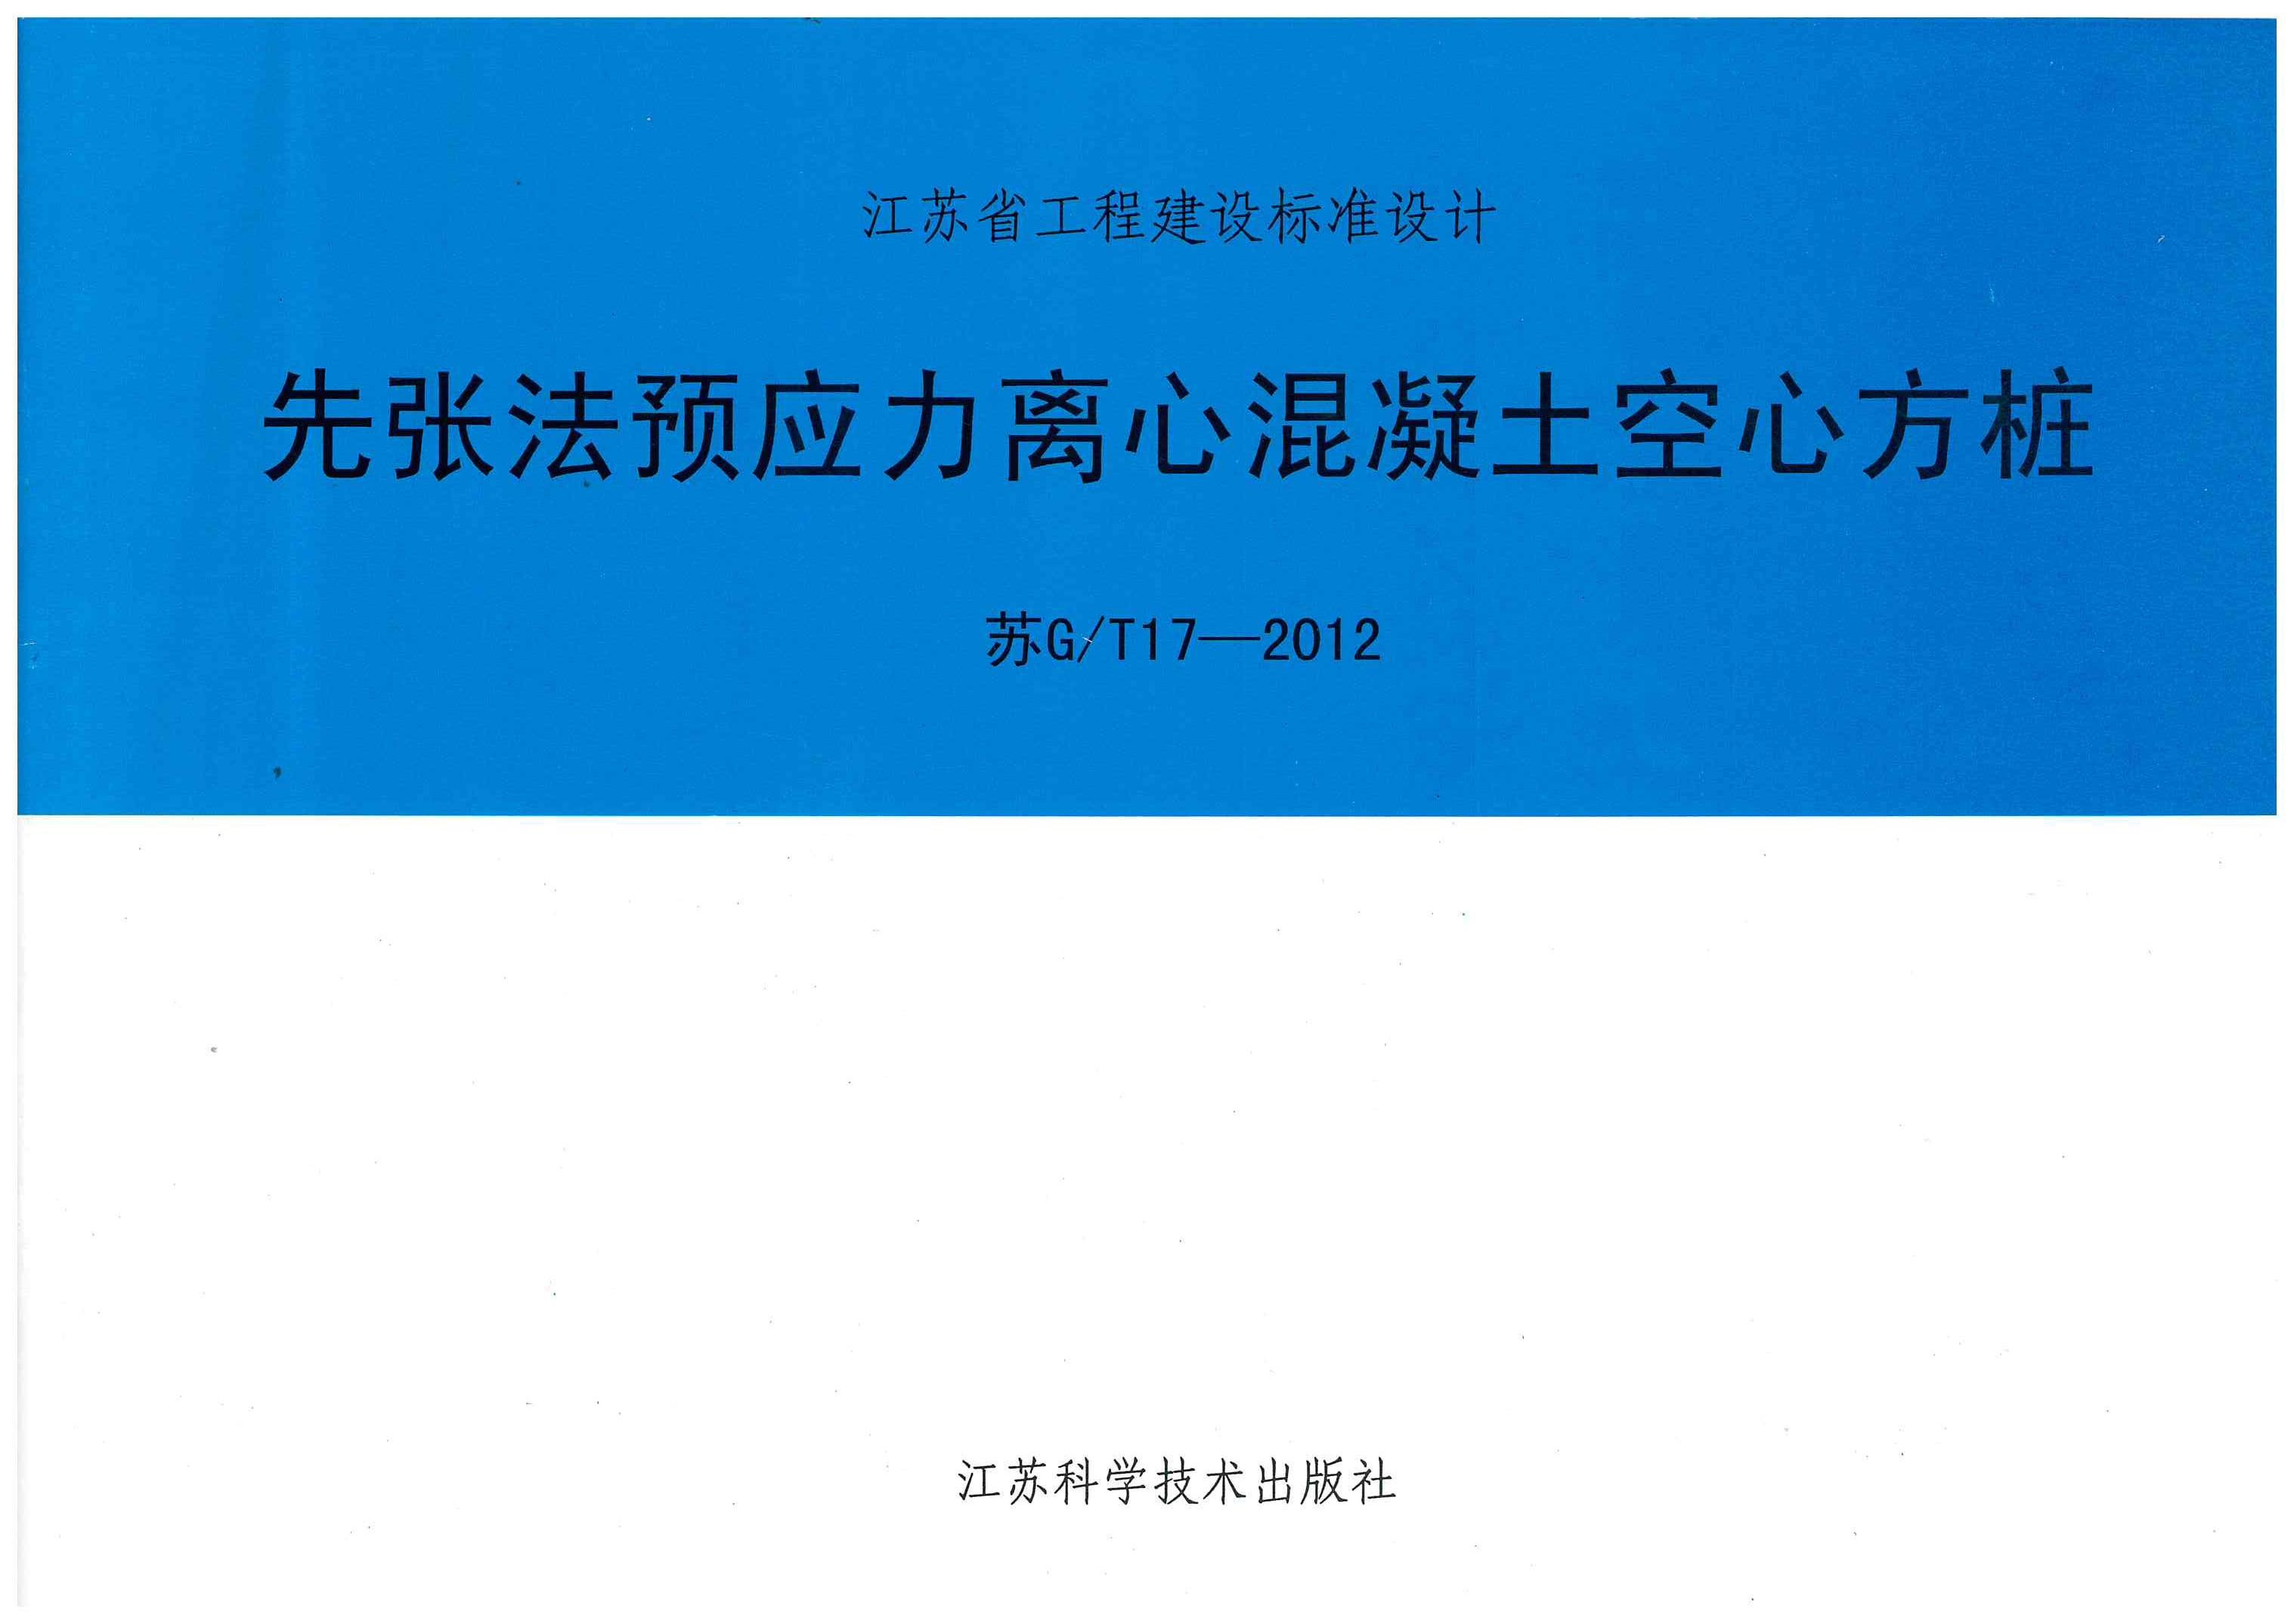 江蘇省空心方樁圖集封面.png